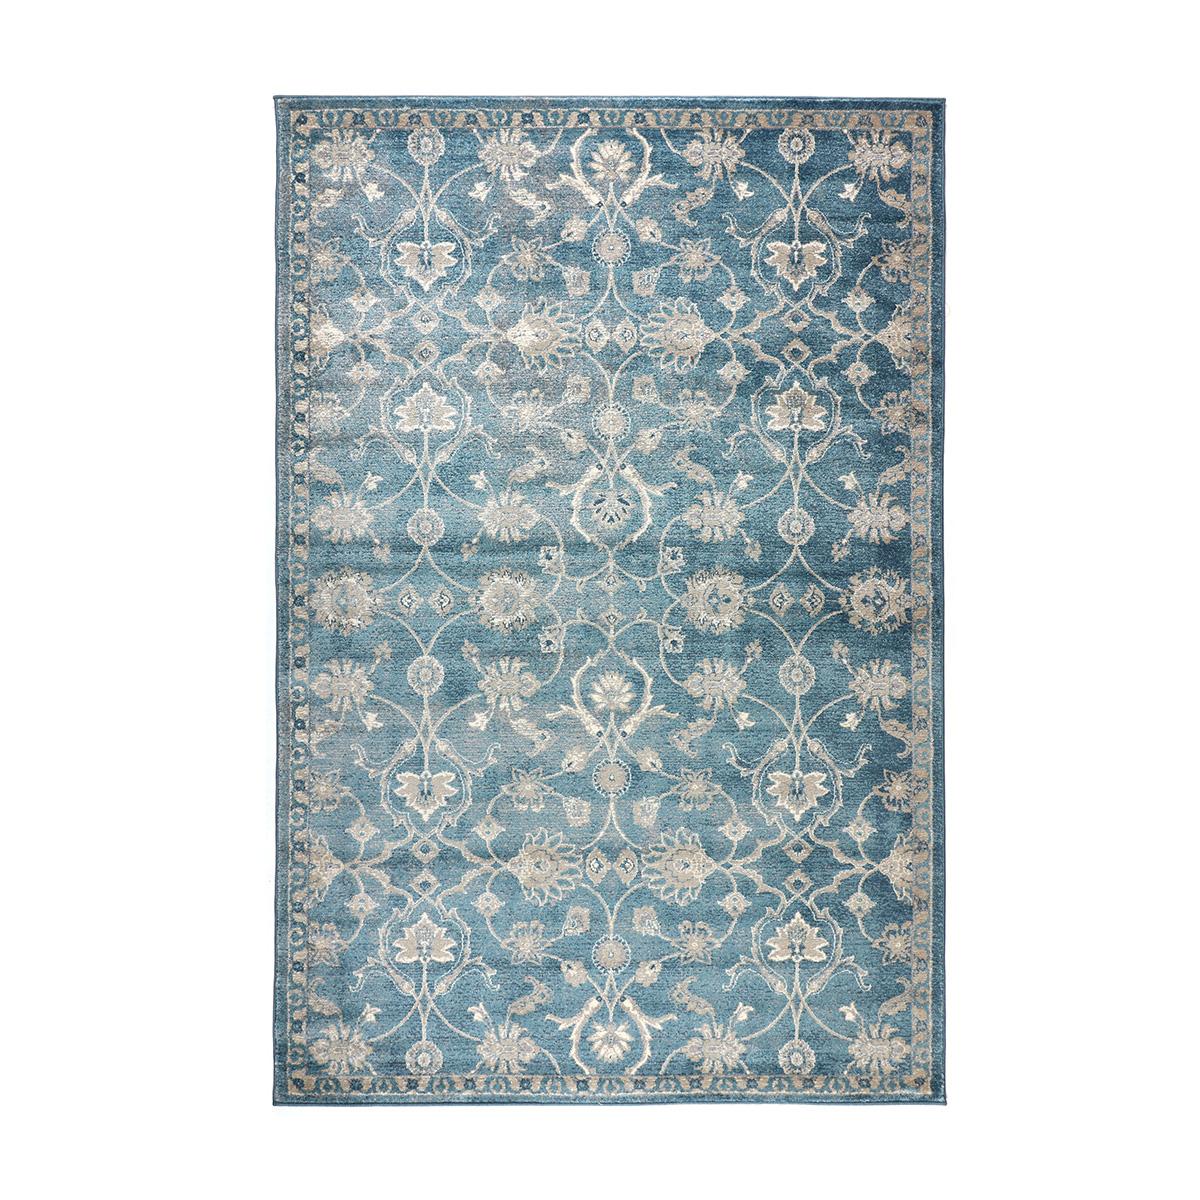 Design Teppich Lilly Ranken